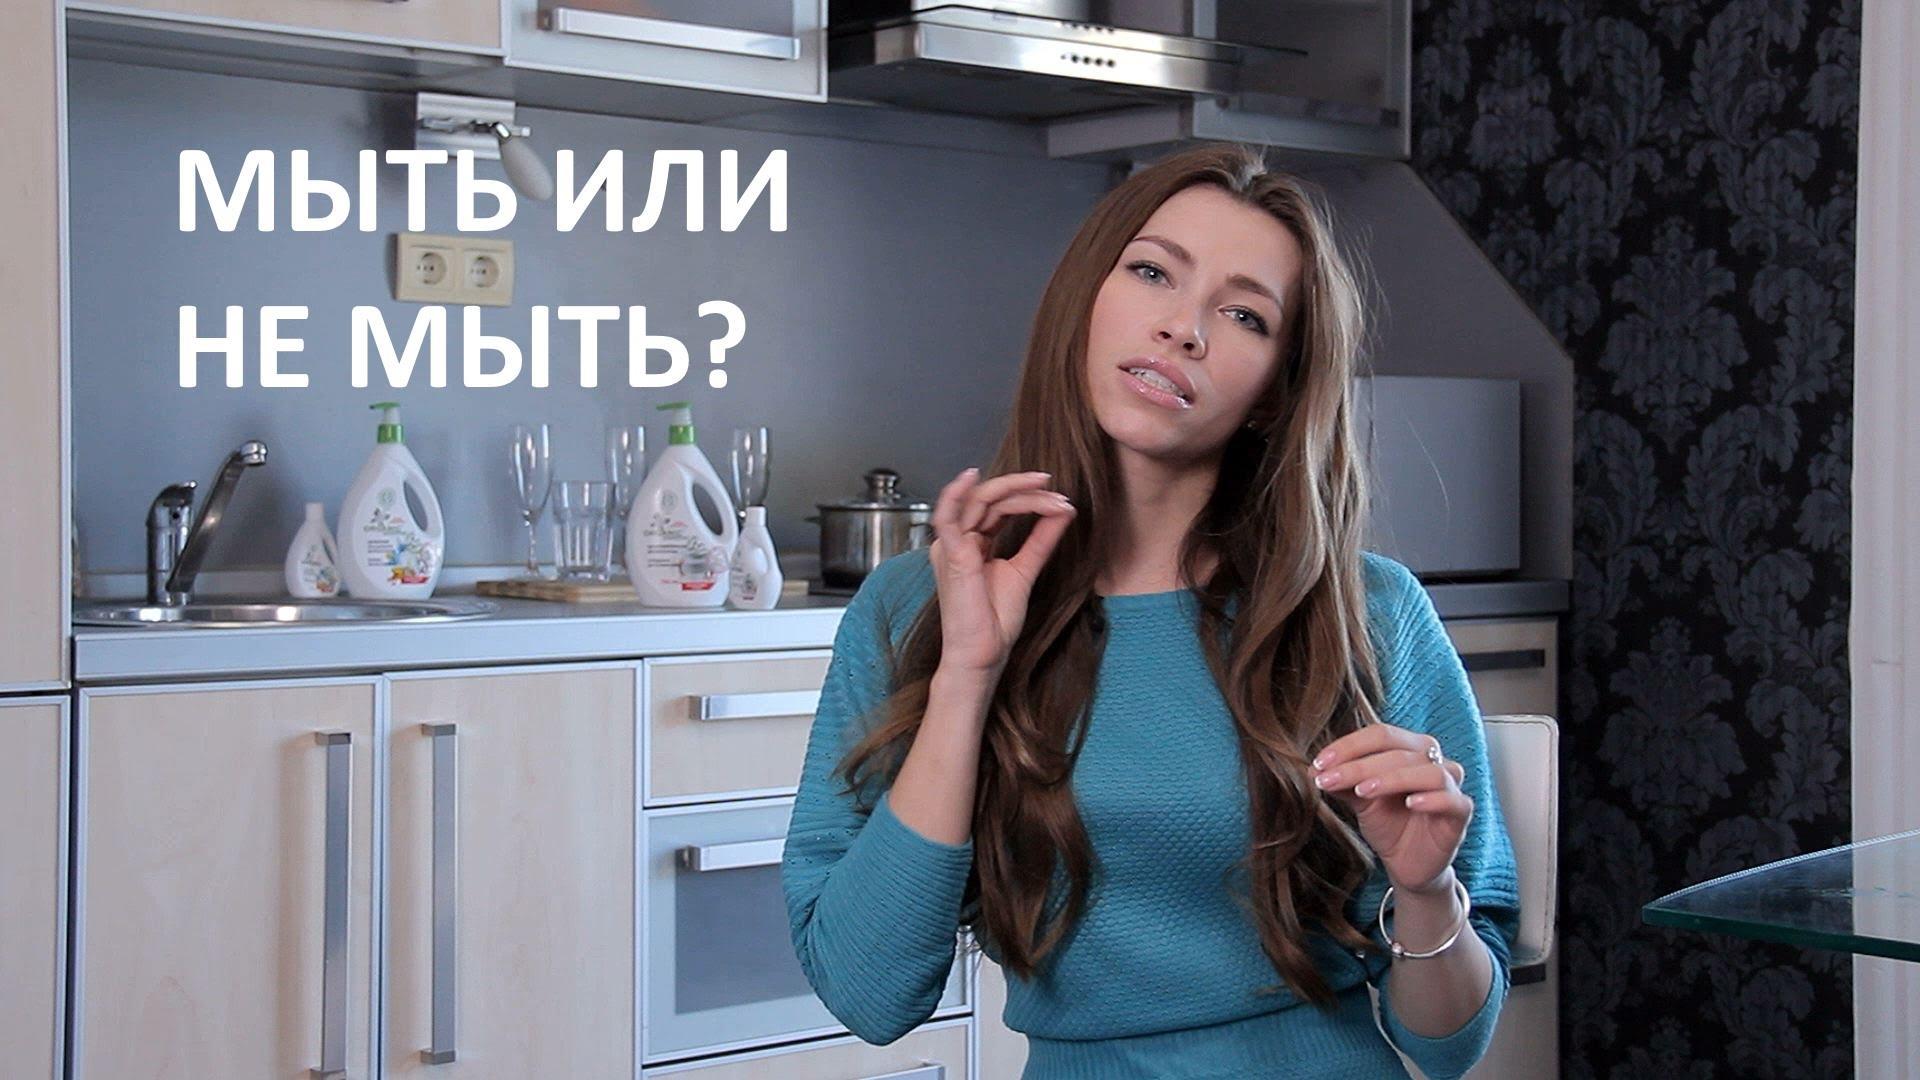 Чем мыть посуду без химии и моющих средств?